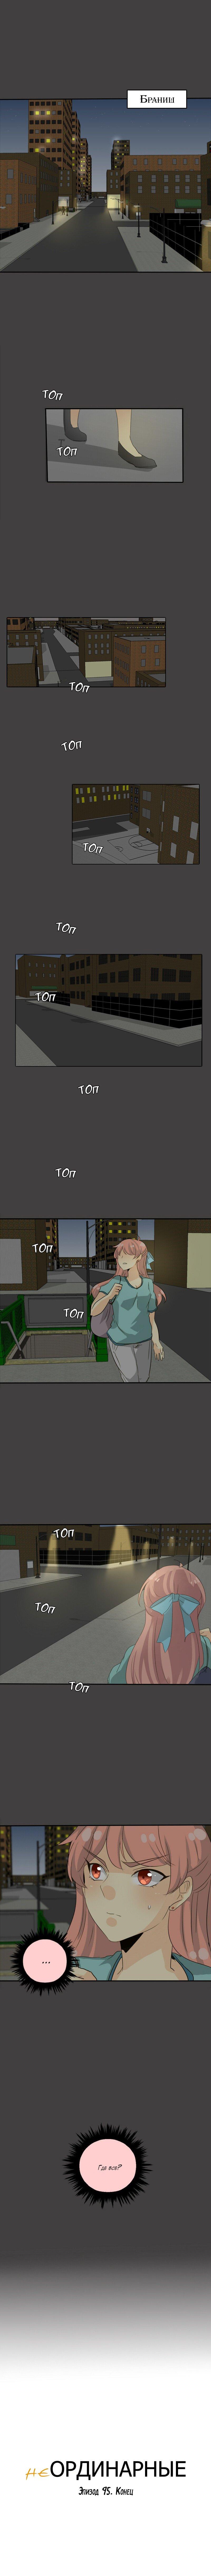 Манга неОРДИНАРНЫЕ / unORDINARY  - Том 1 Глава 100 Страница 11